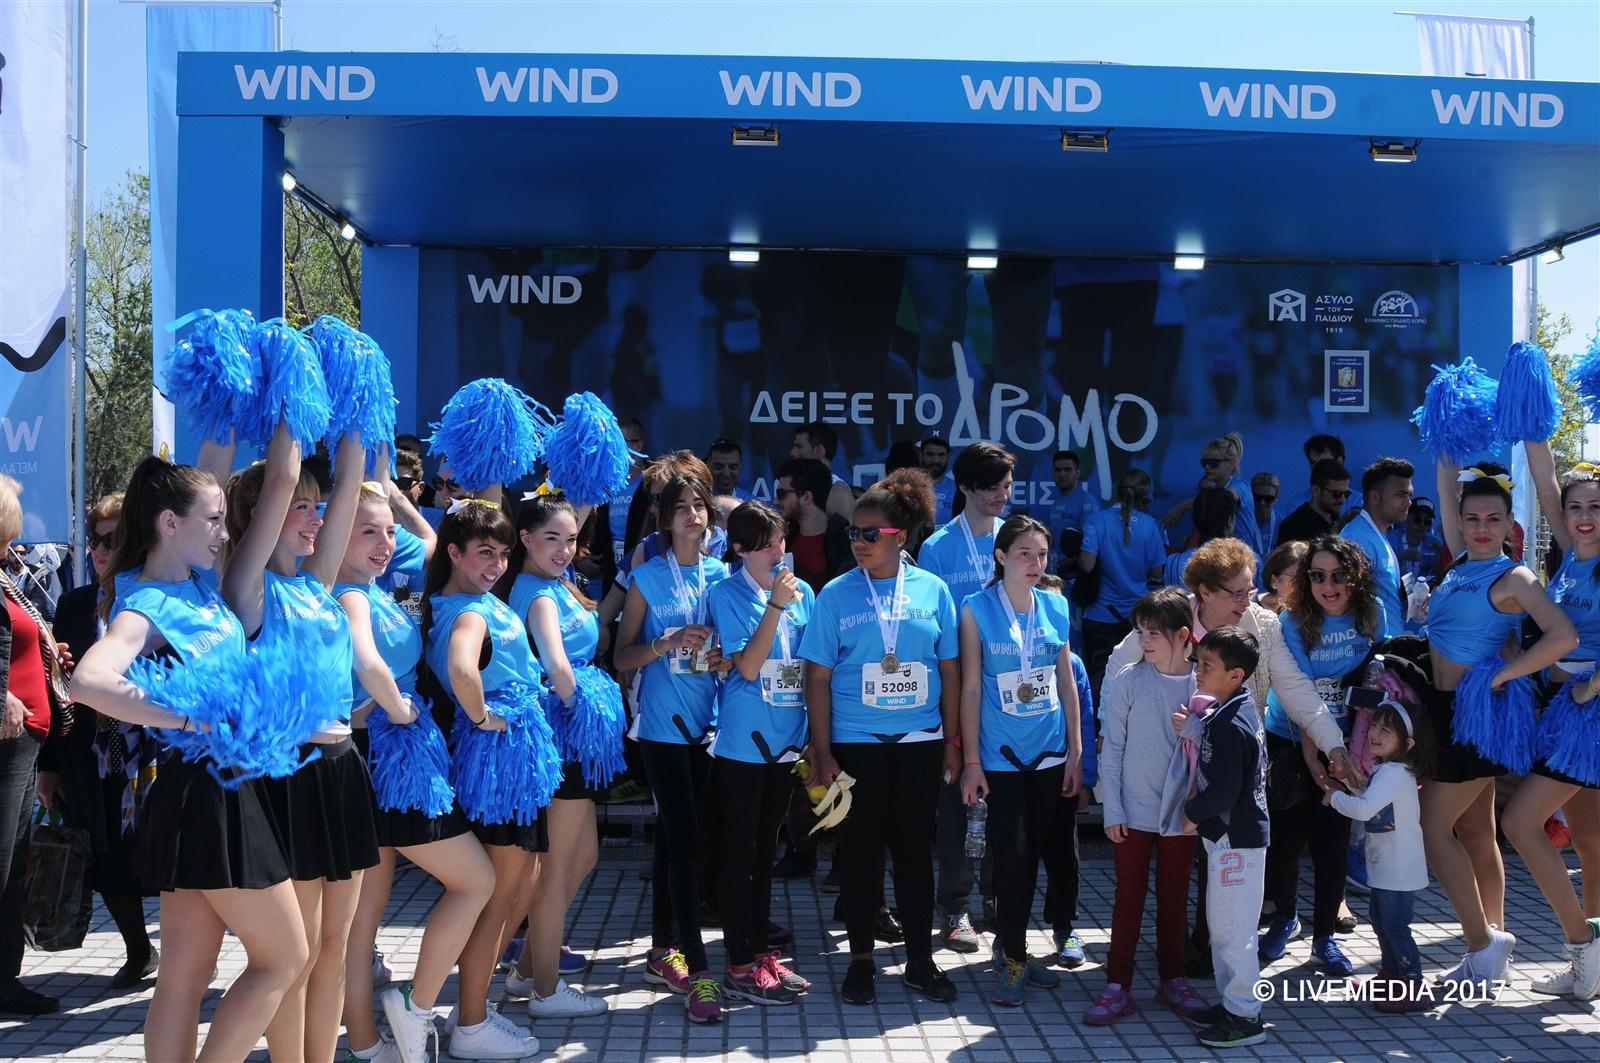 12oς Διεθνής Μαραθώνιος ΜΕΓΑΣ ΑΛΕΞΑΝΔΡΟΣ   Περίπτερο WIND